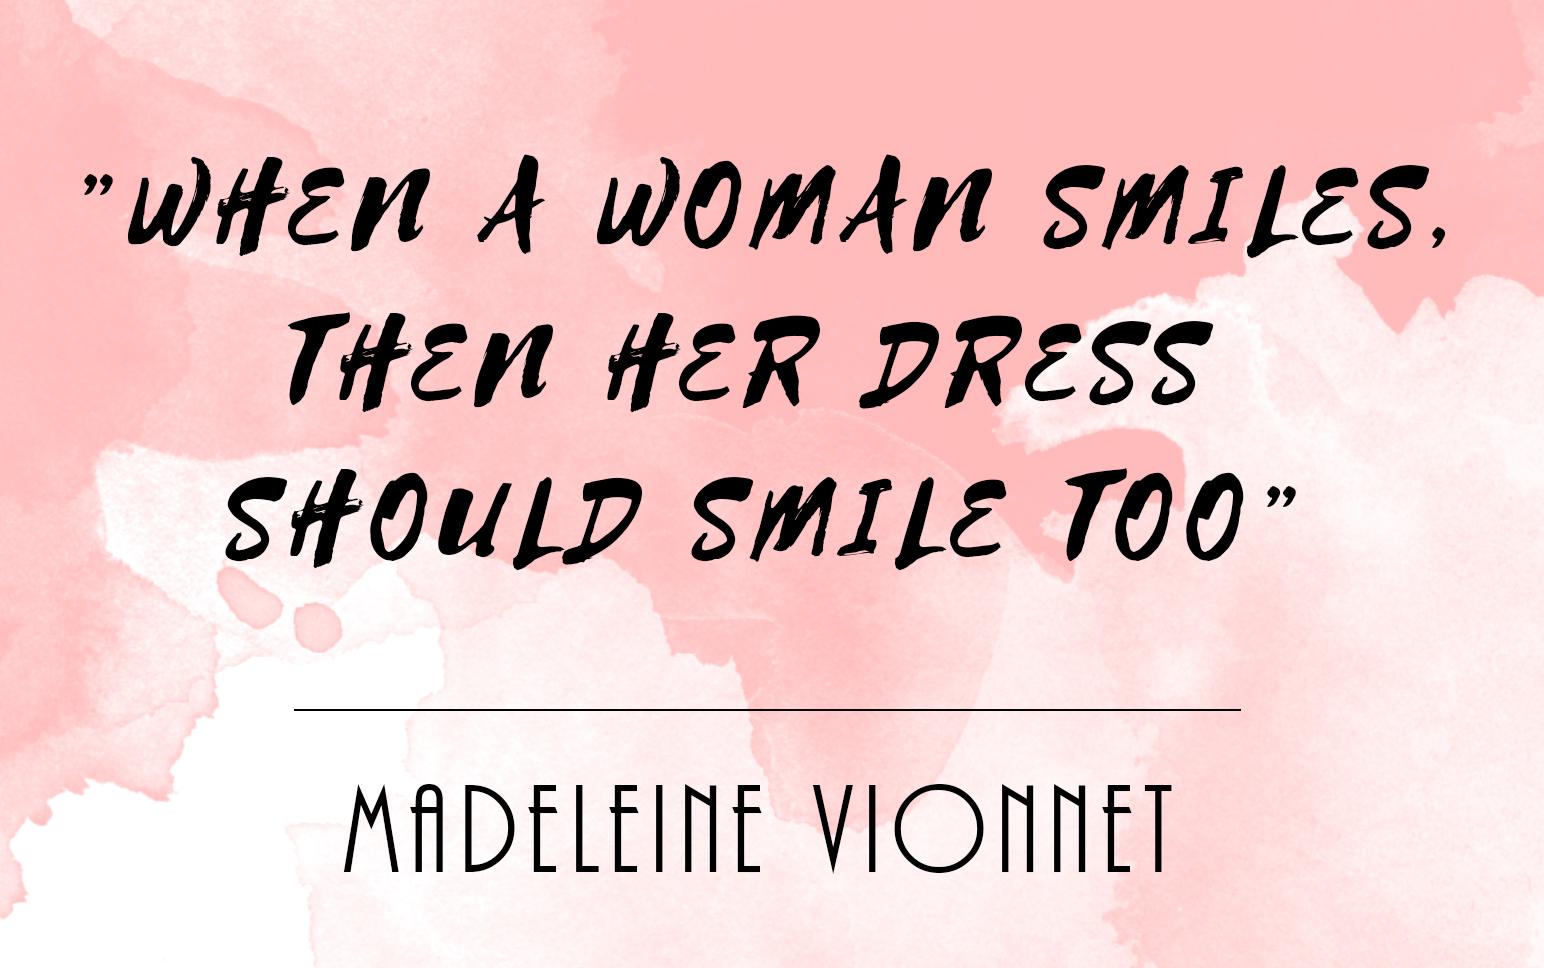 madeleine vionnet quote